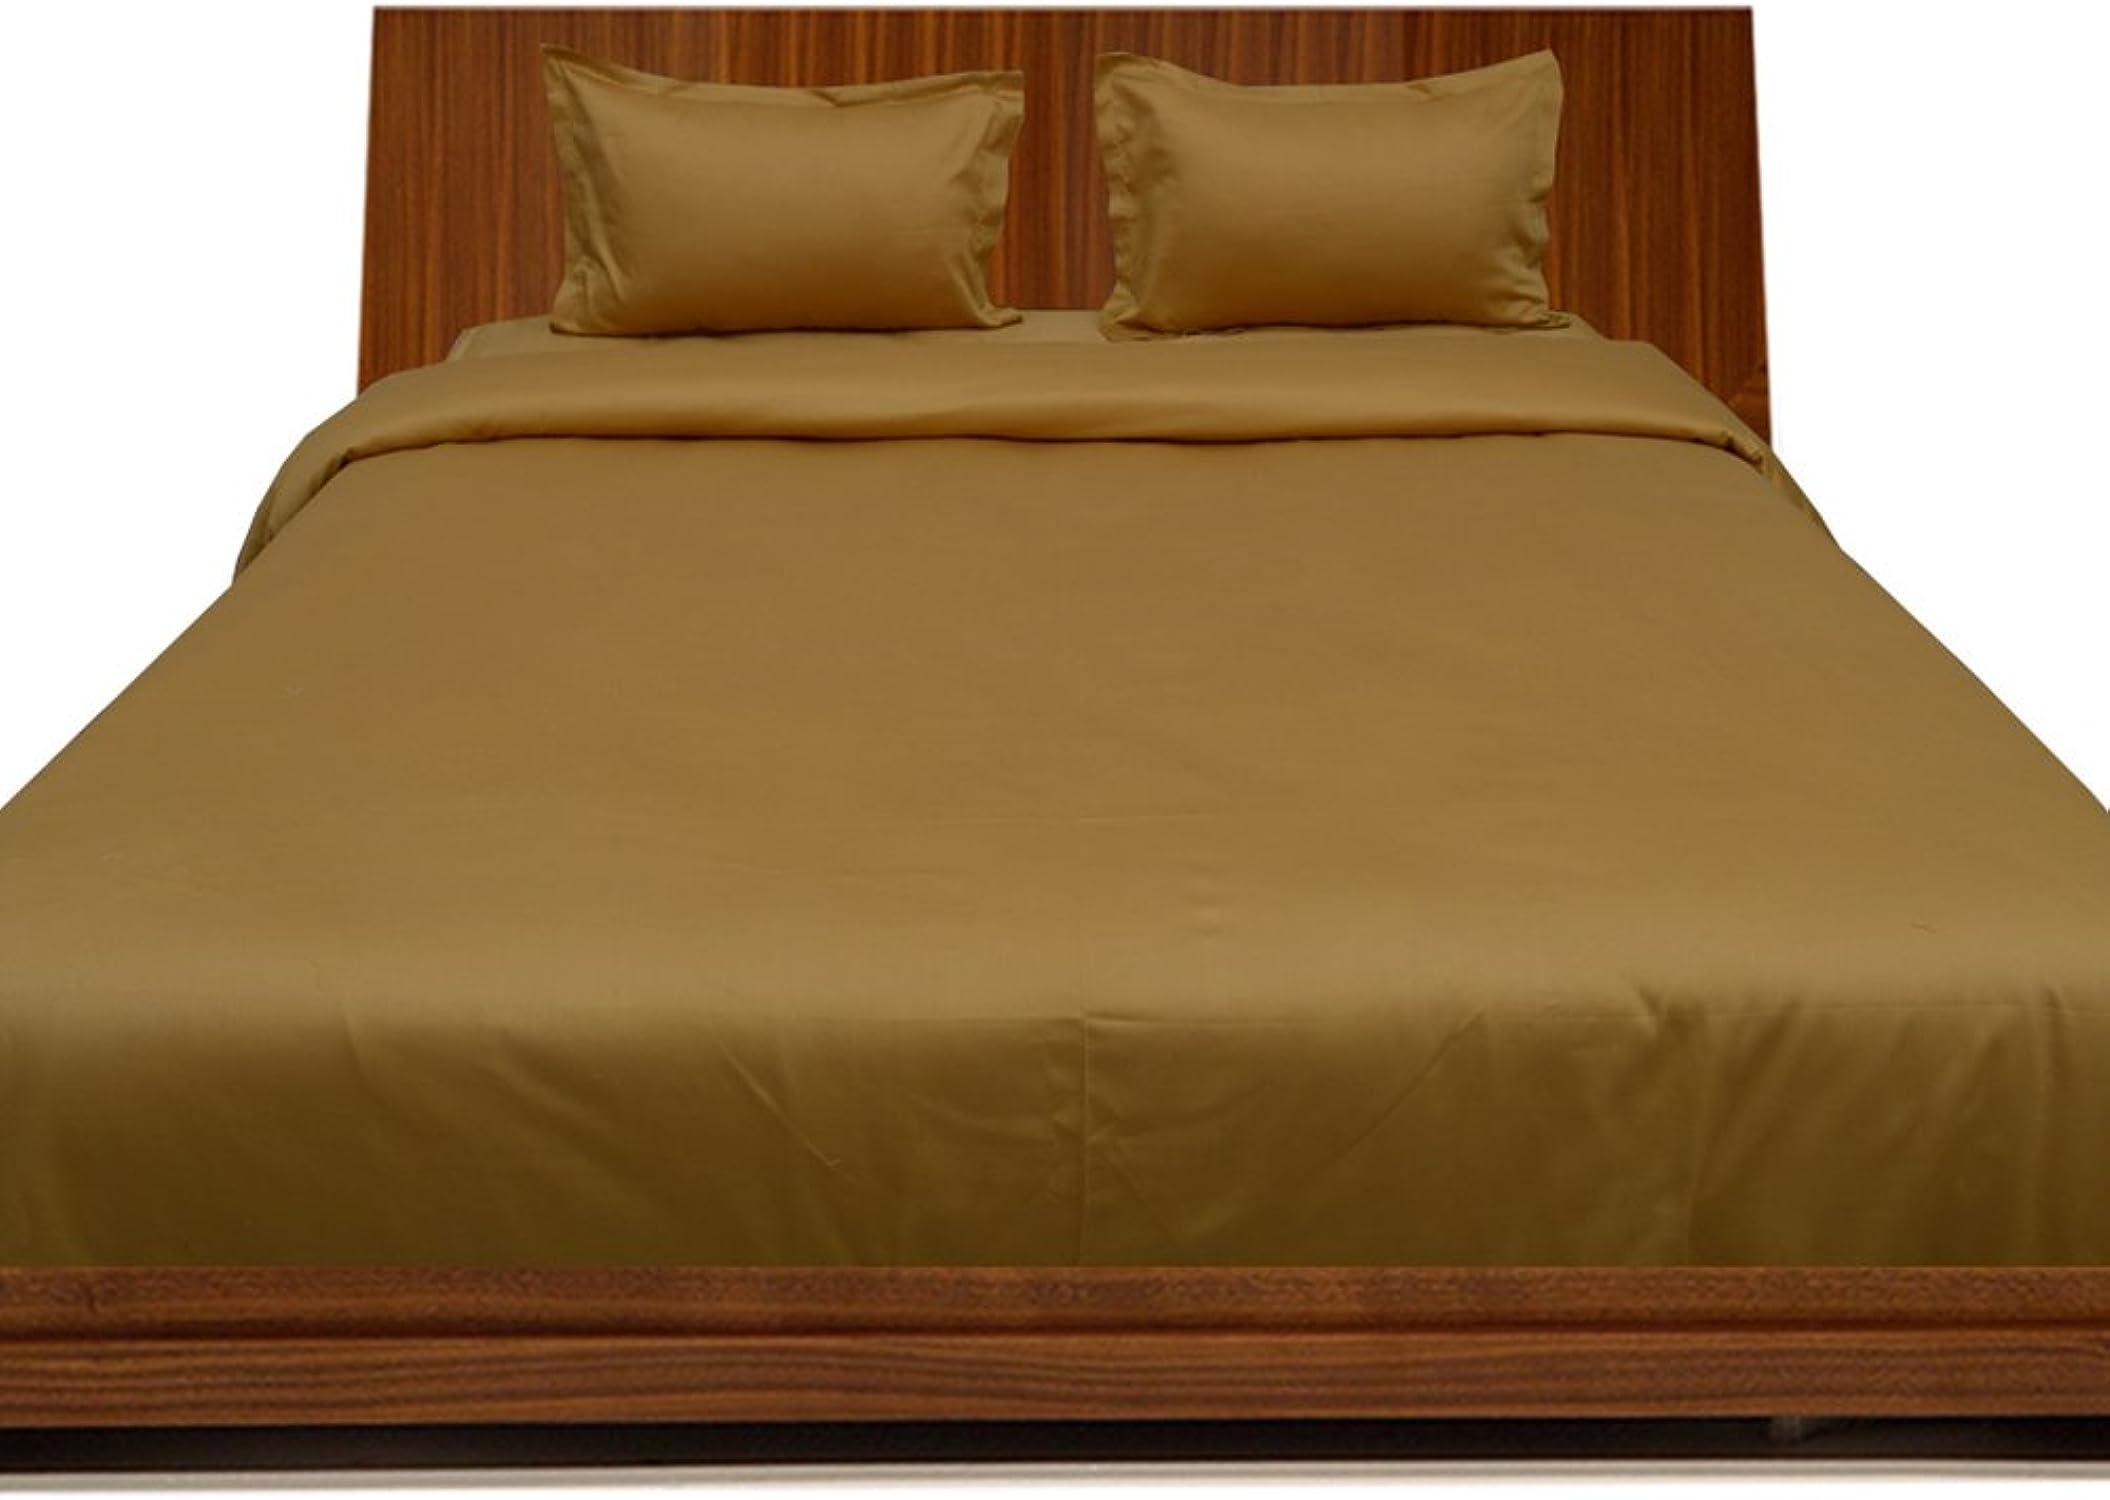 Simple égypcravaten 600 fils cm2, 30 cm et d'une poche profonde Living Parure de lit Super King Taille en Or 100%  coton égypcravaten 600tc Par AviSales